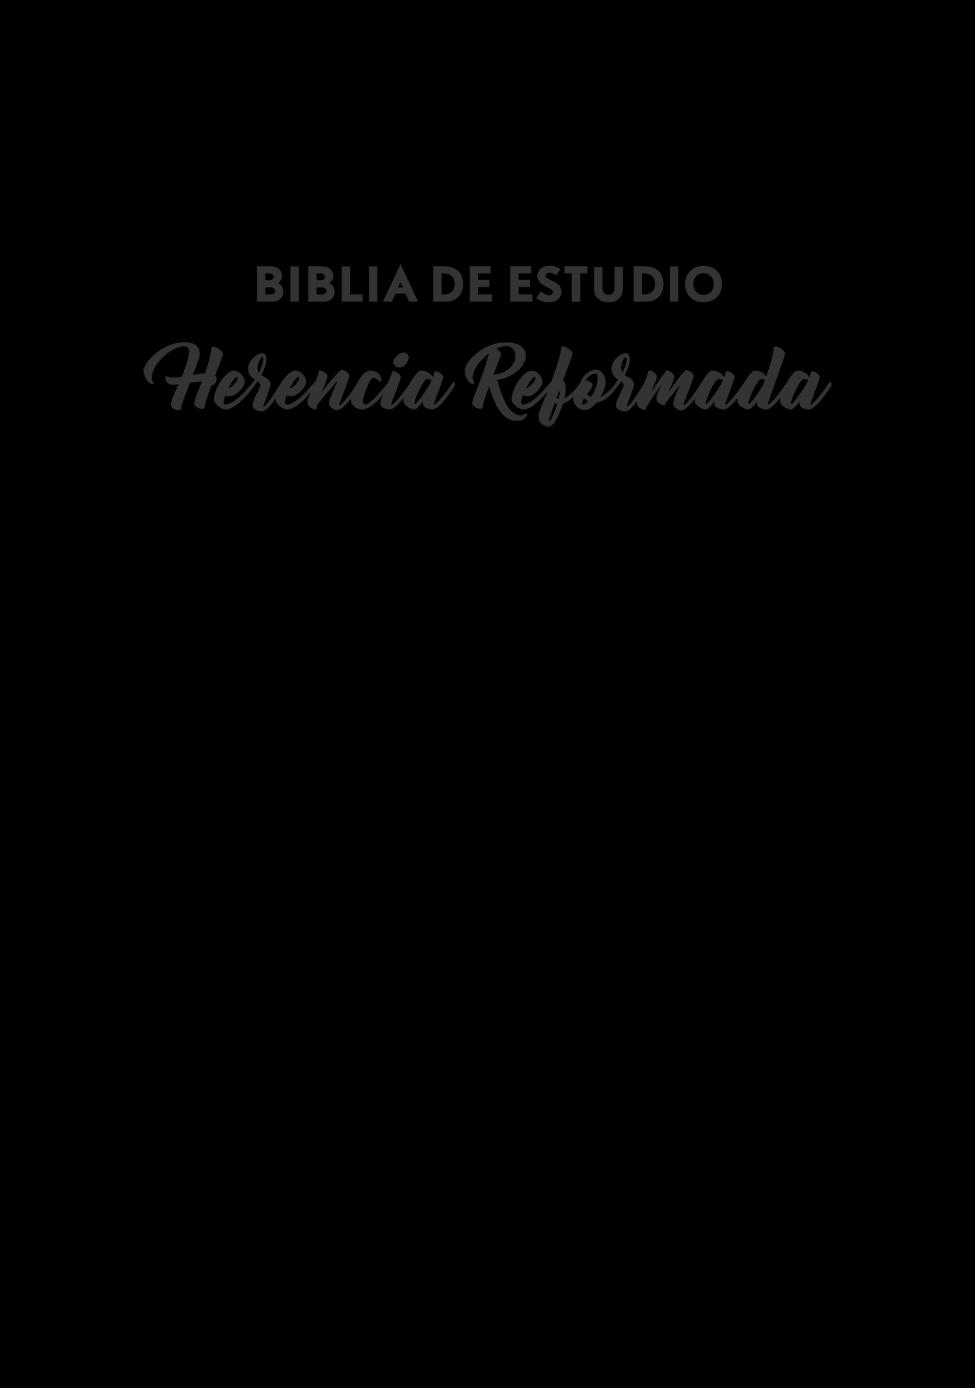 Biblia de Estudio Herencia Reformada- Piel Negra Genuina